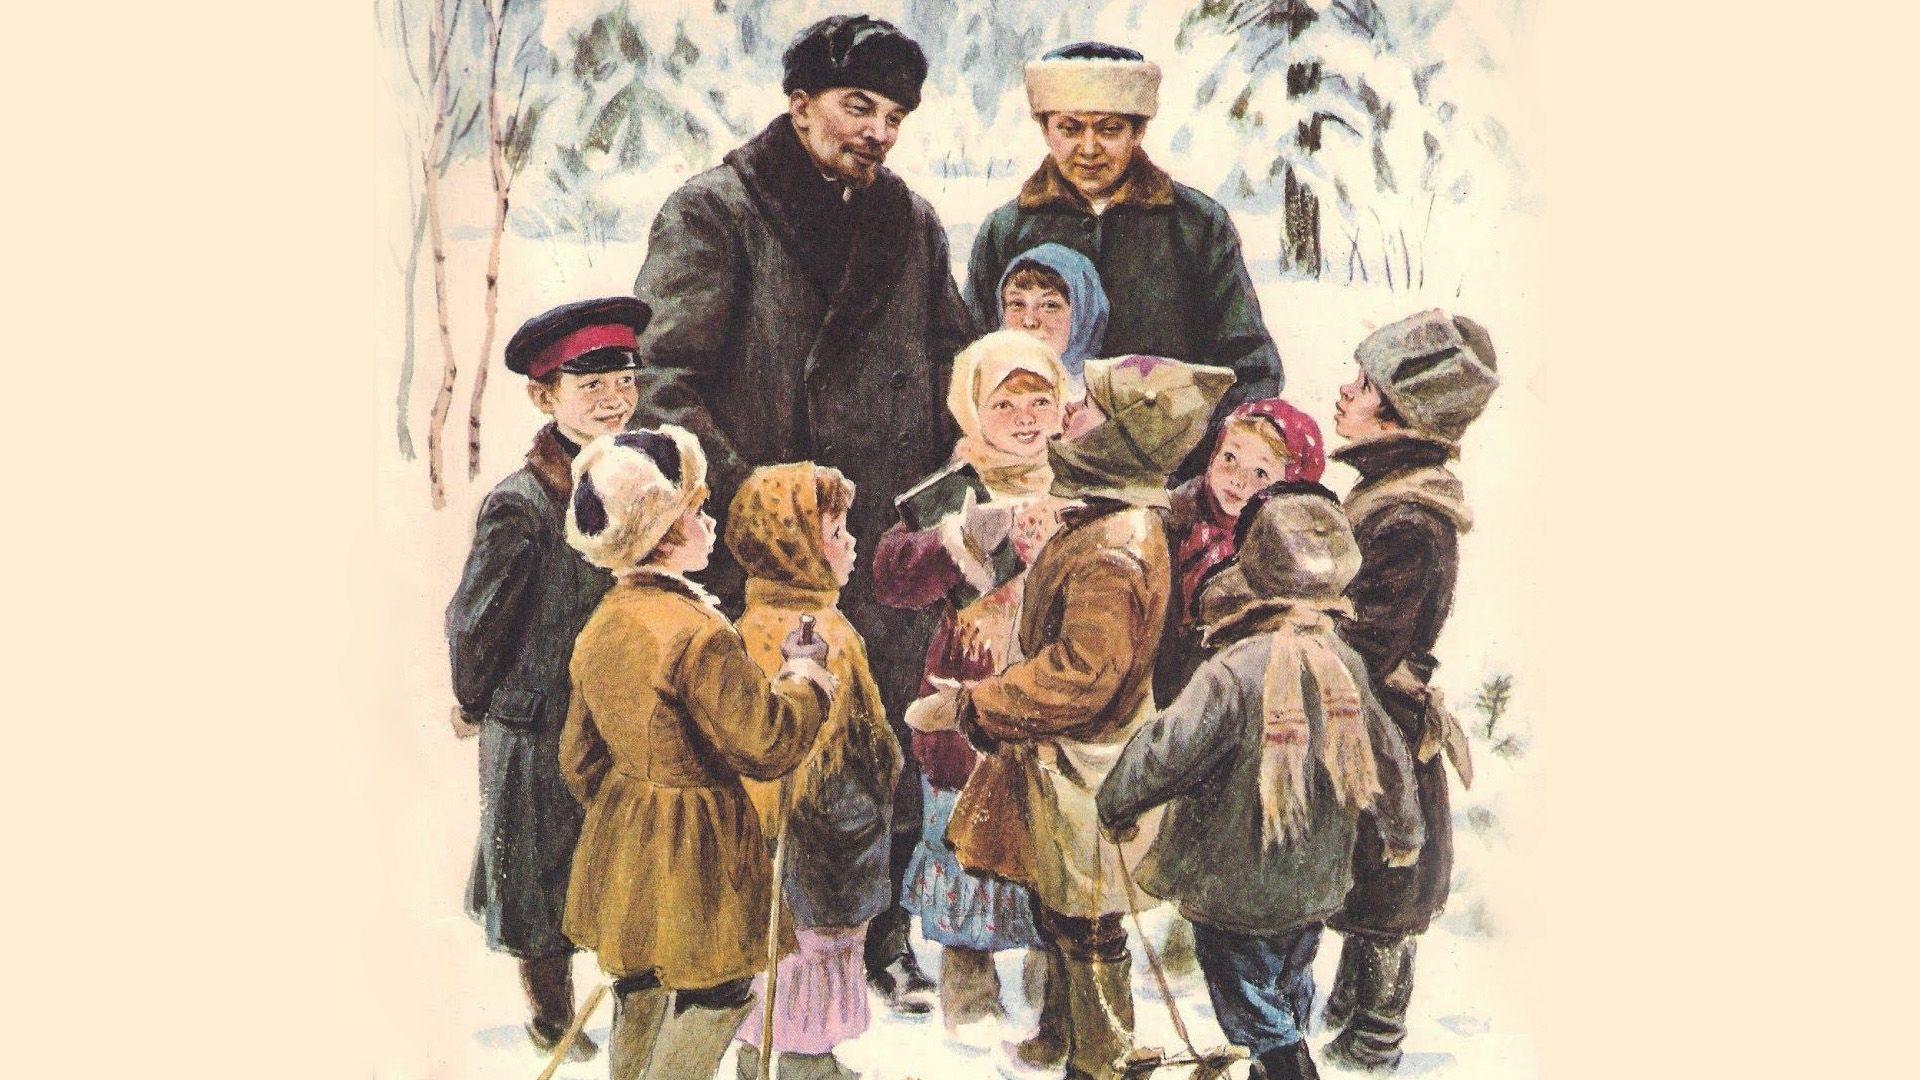 Így használta a gyerekeket a szovjet diktátor